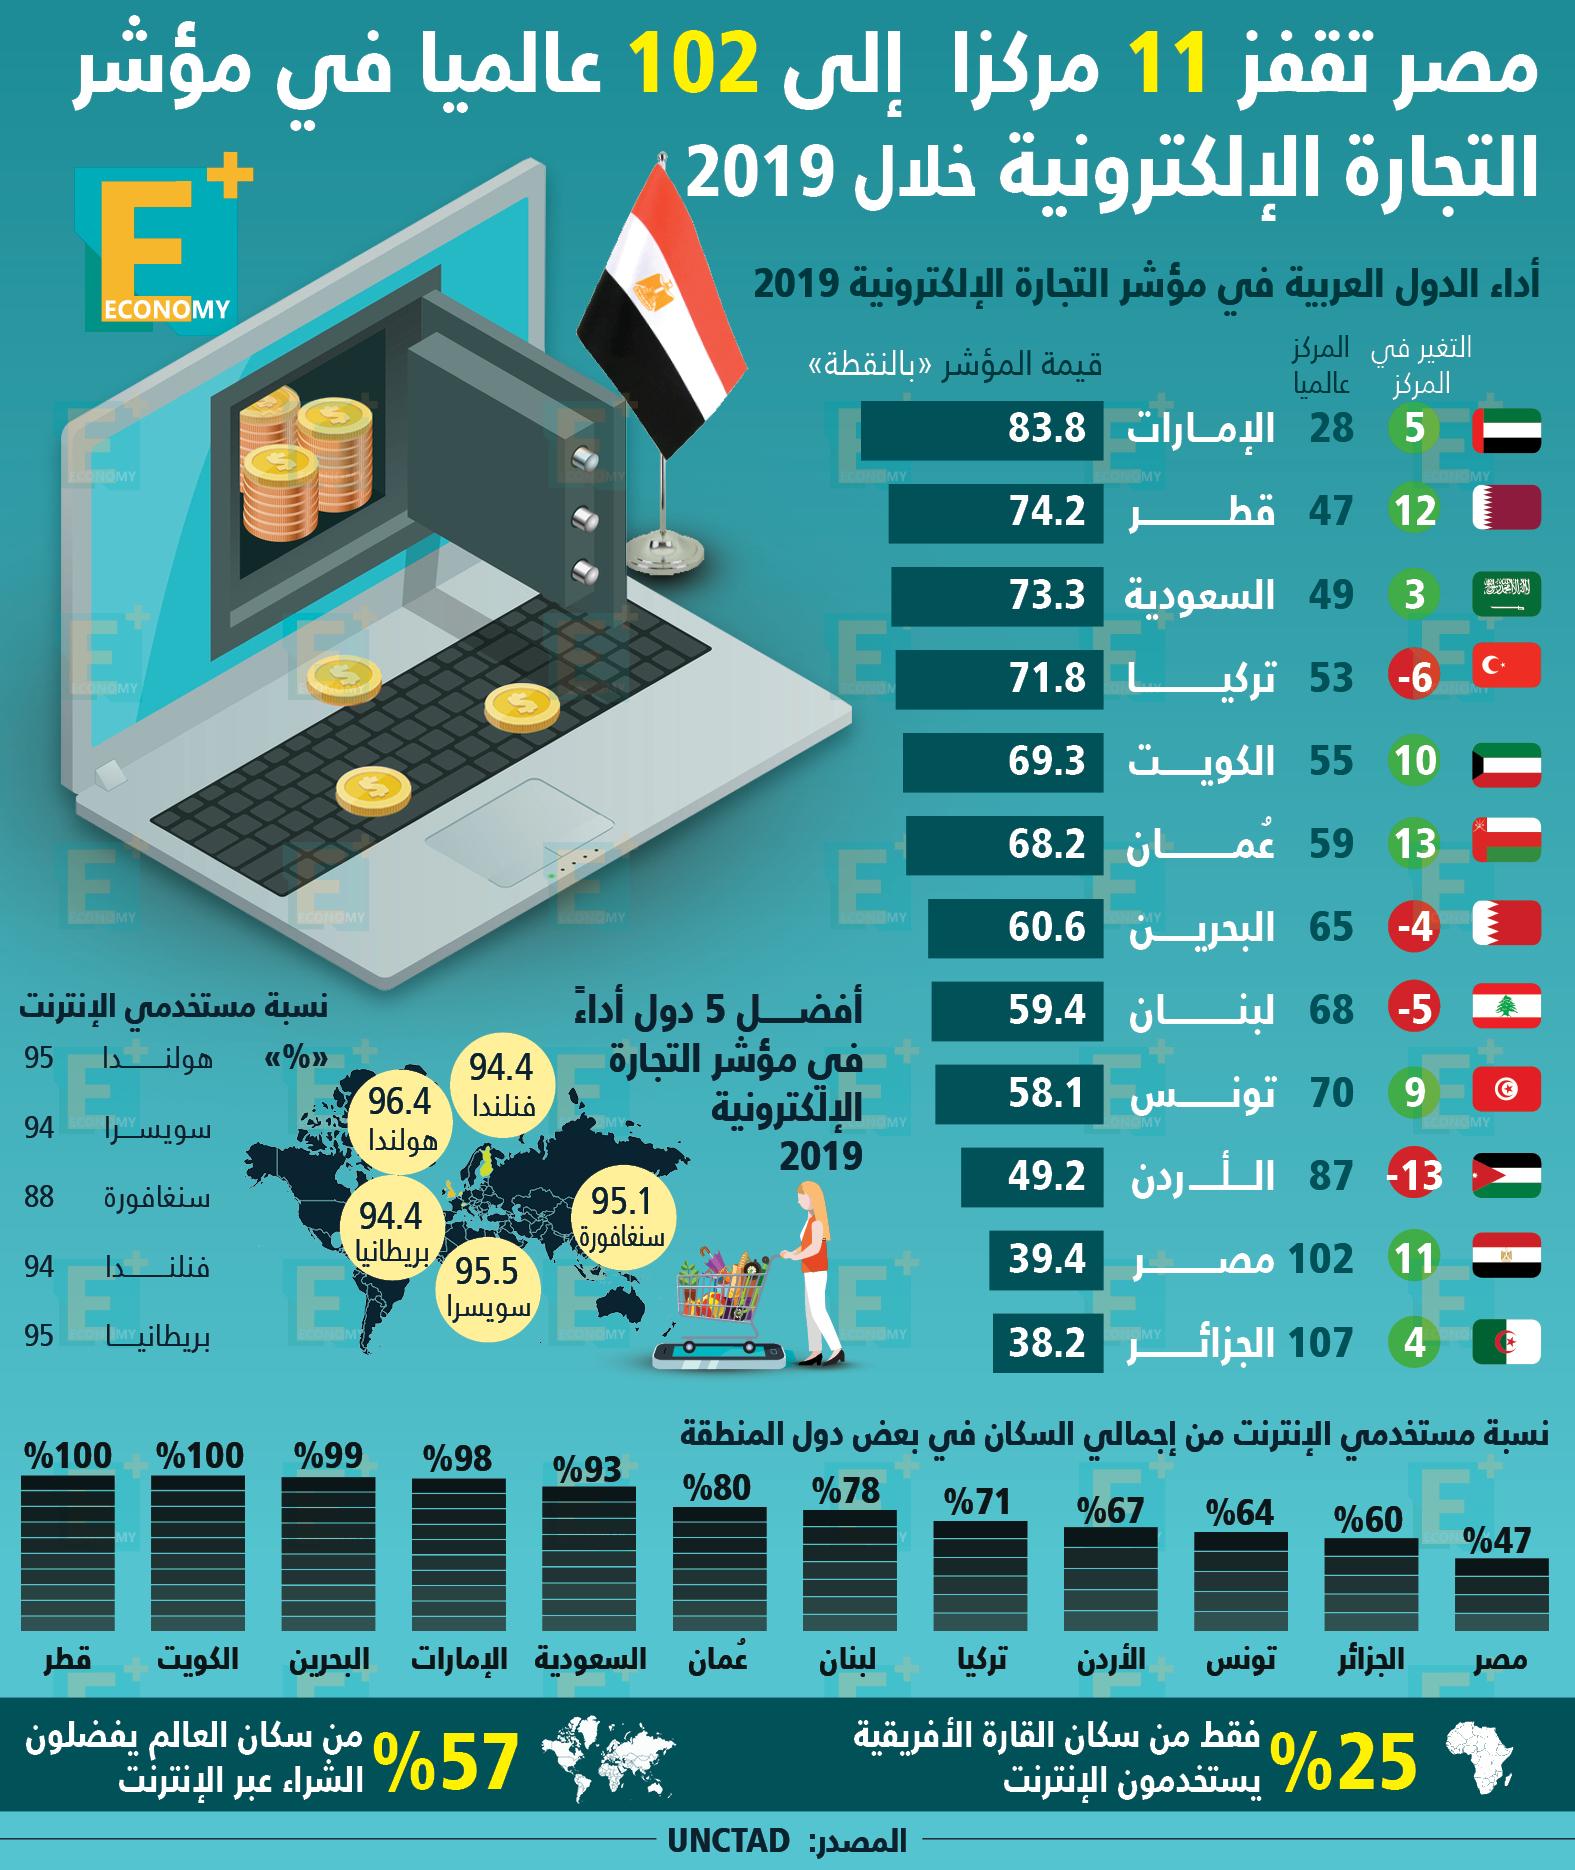 مصر تقفز 11 مركزًا إلى 102 عالميًا في مؤشر التجارة الإلكترونية خلال 2019